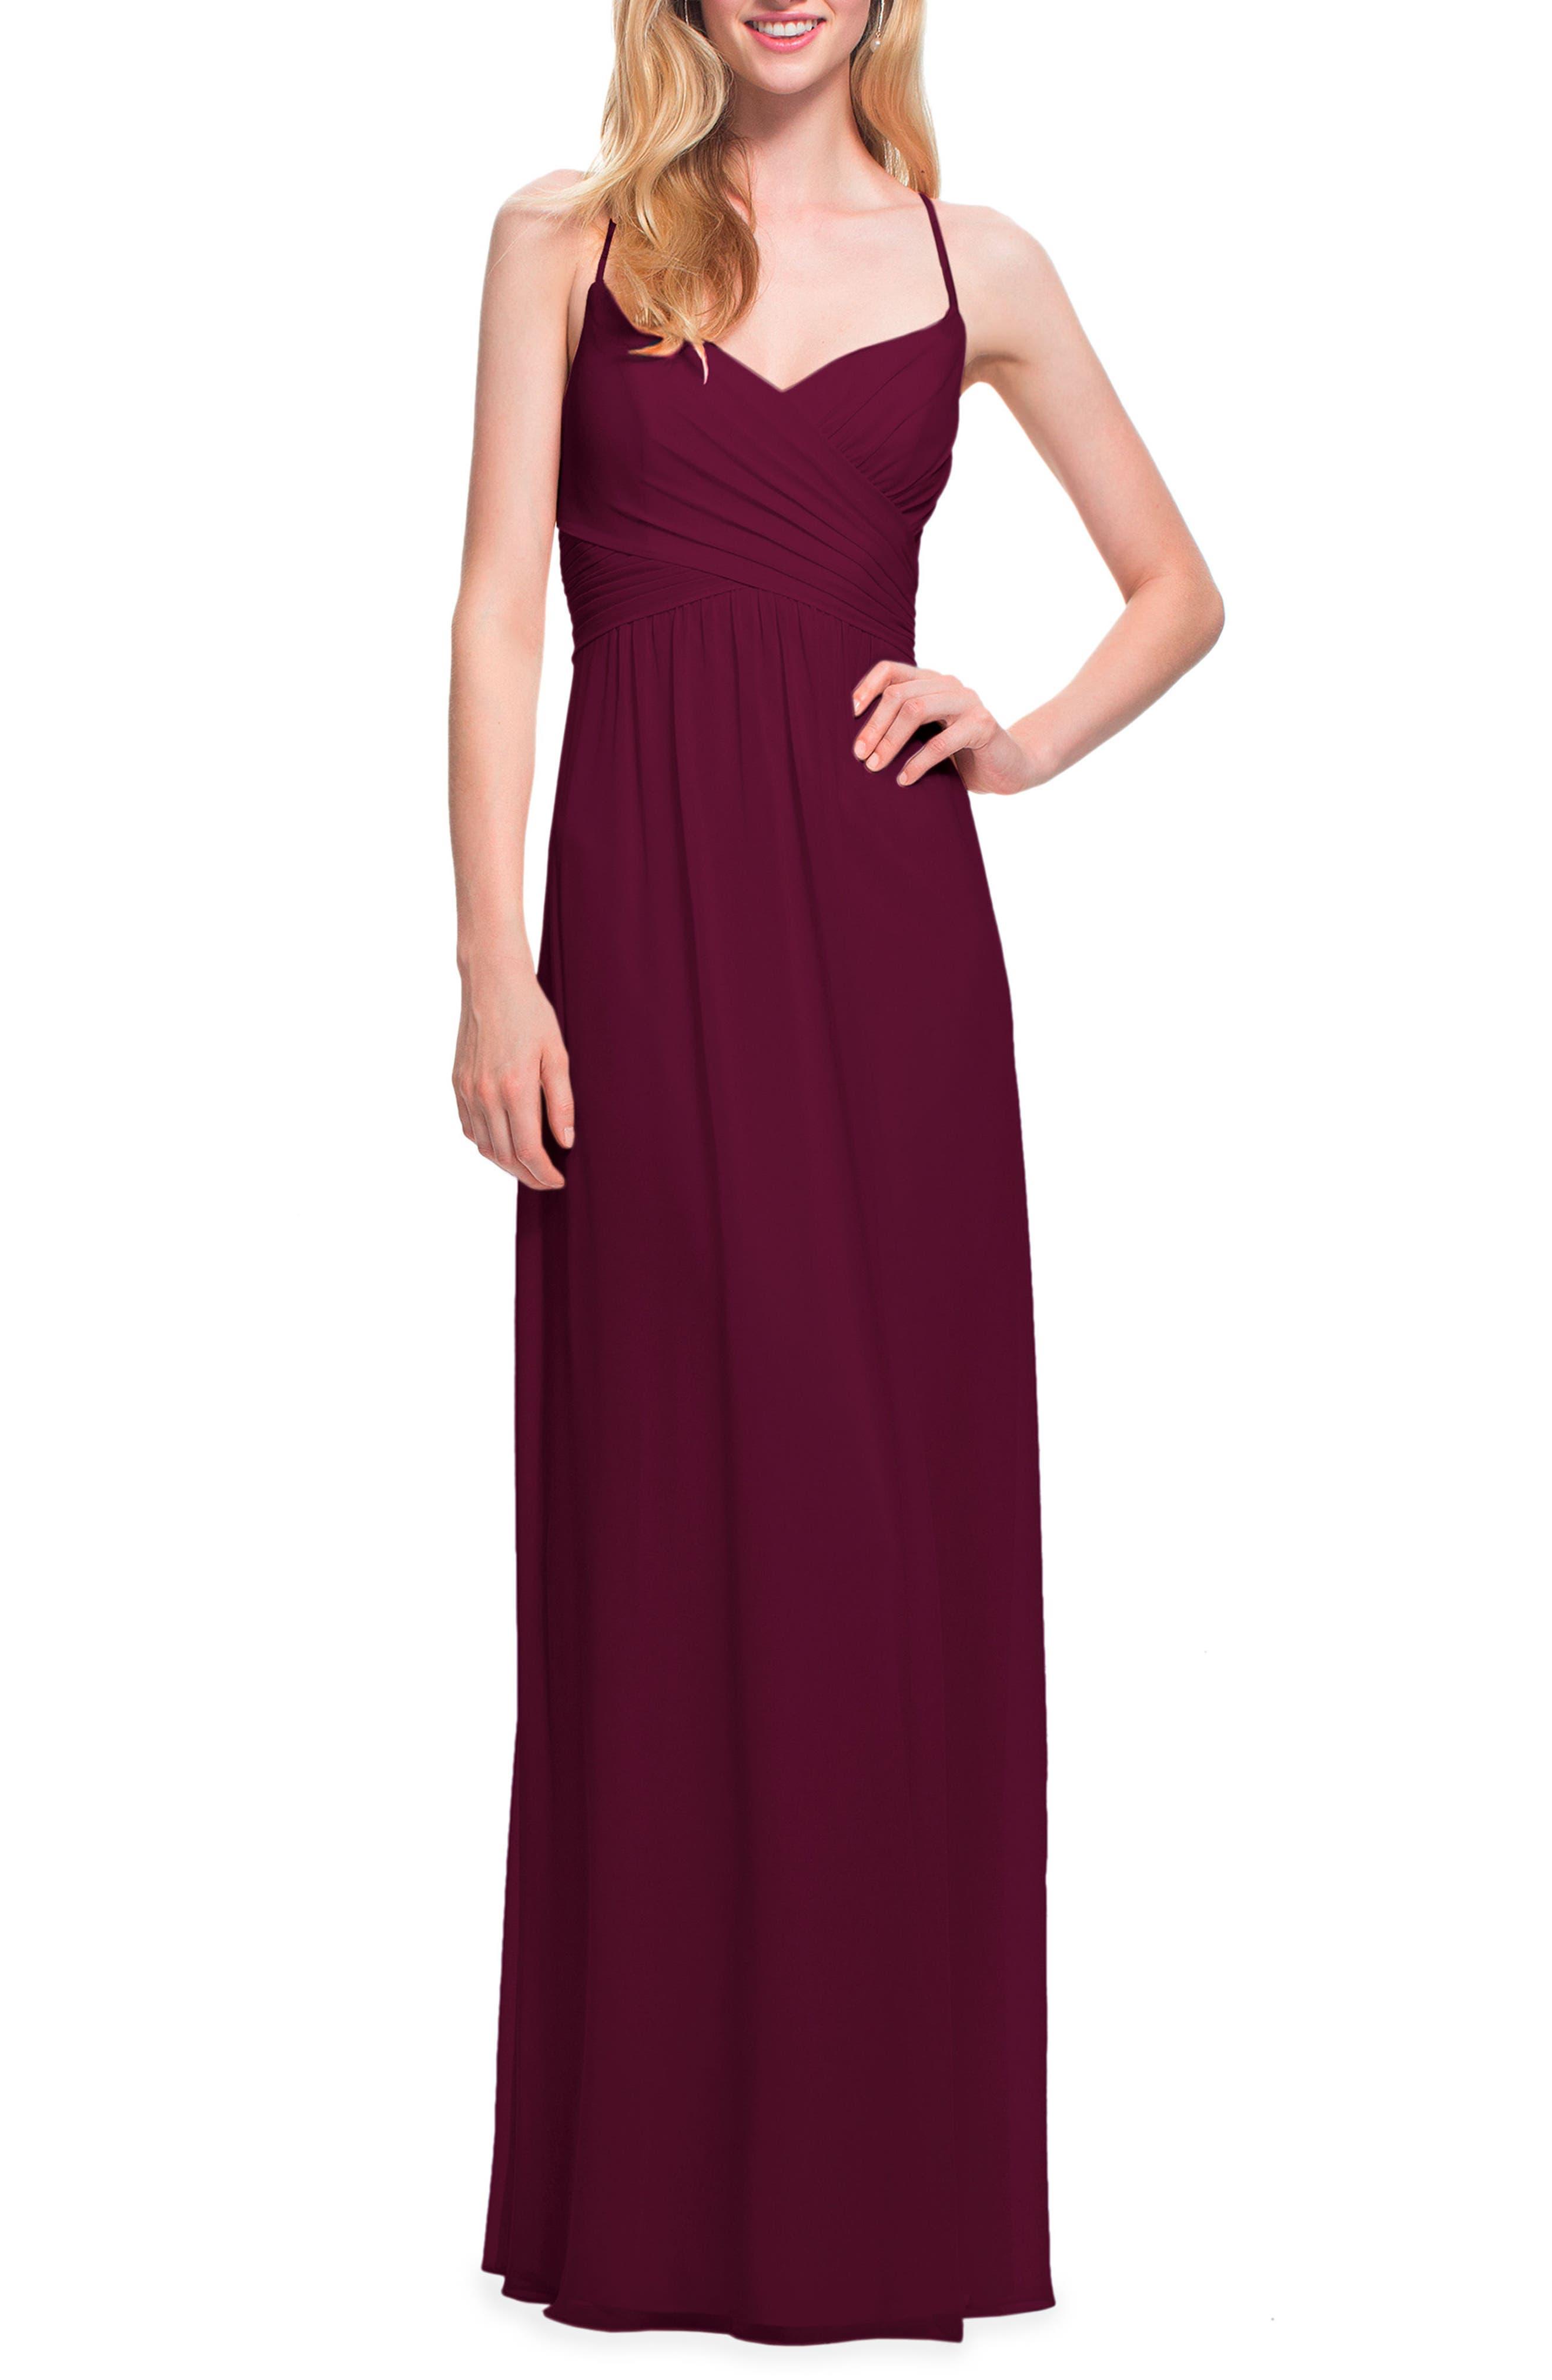 #levkoff Surplice Neck Chiffon Gown, Burgundy